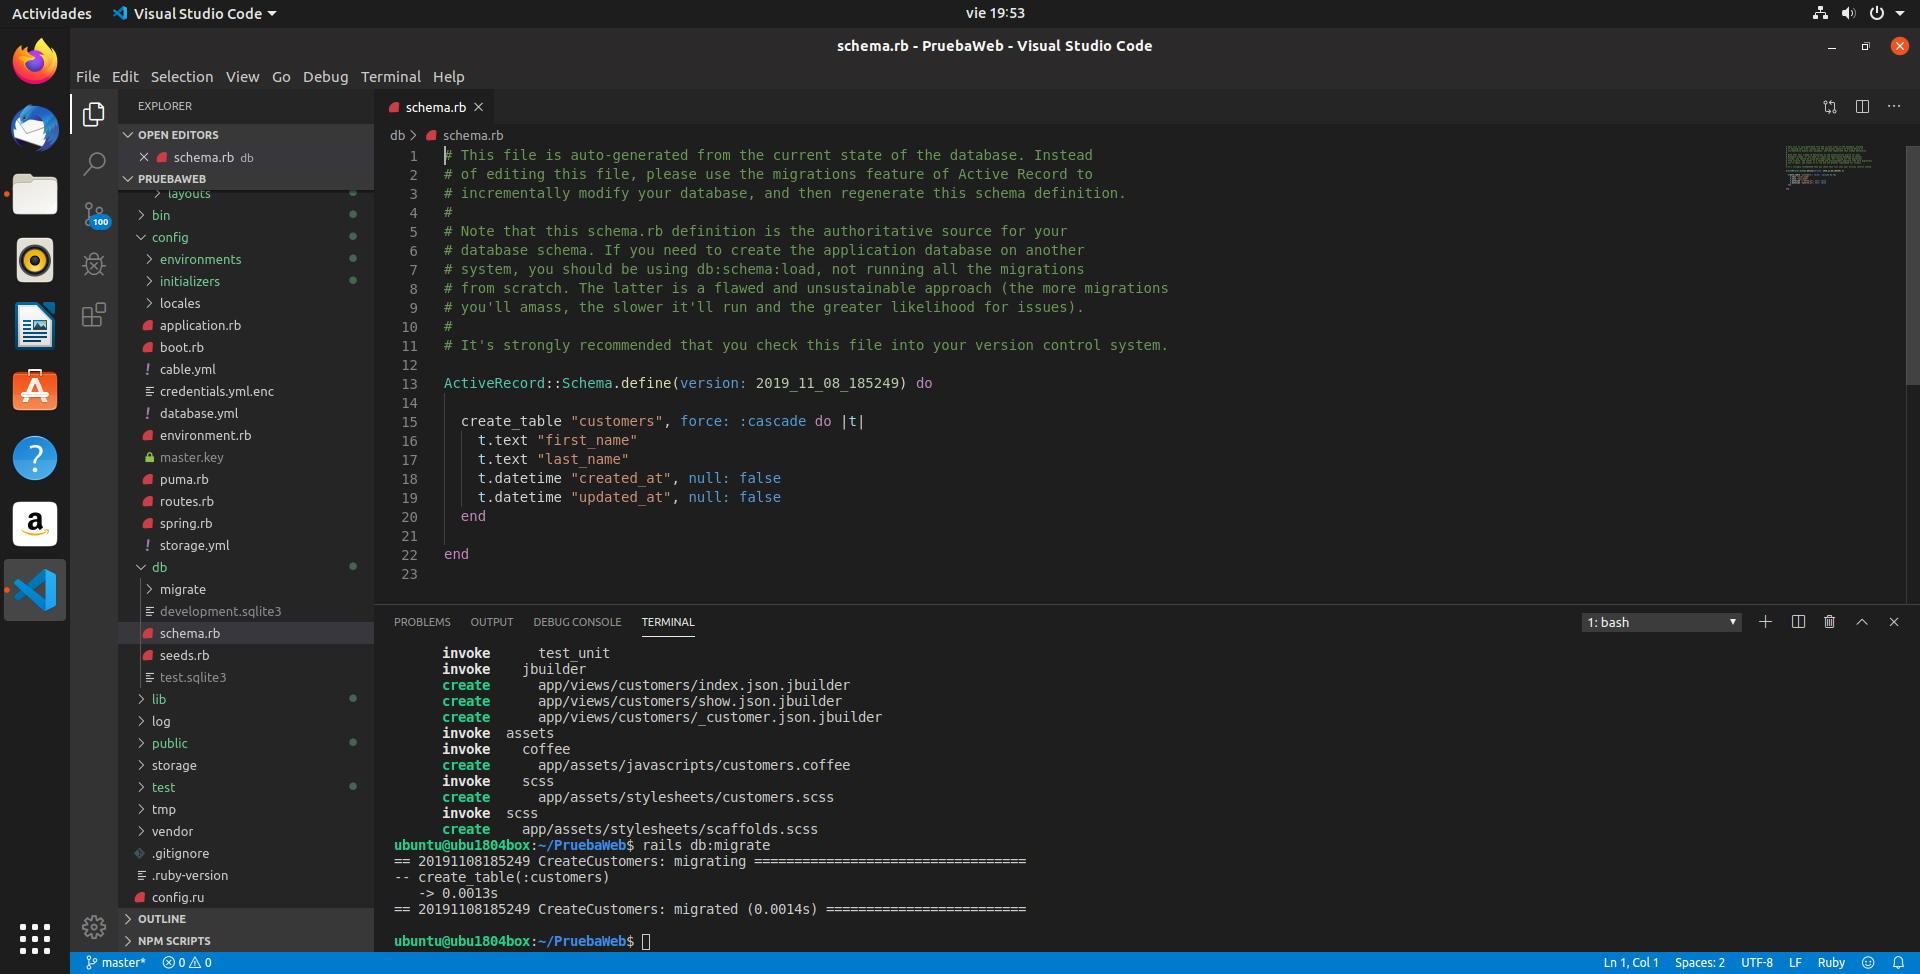 Línea de comandos e interfaz gráfica combinados en Visual Studio Code para trabajar con Ruby on Rails en Ubuntu